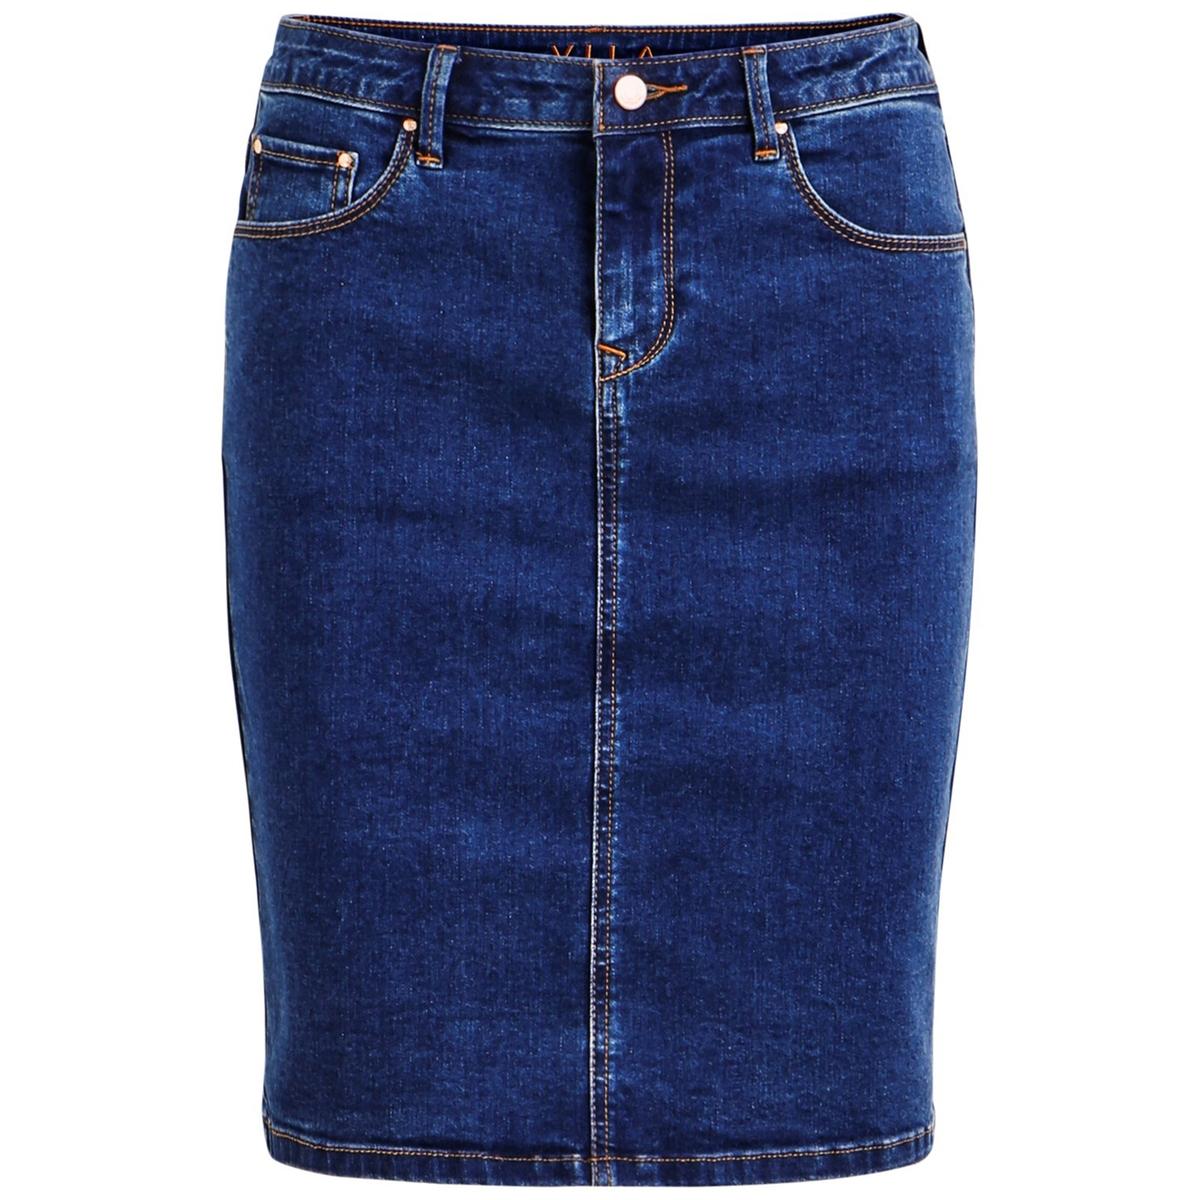 Фото - Юбка LaRedoute Прямая из денима до колен XS синий юбка laredoute прямая из легкого денима 3 12 лет 3 года 94 см синий